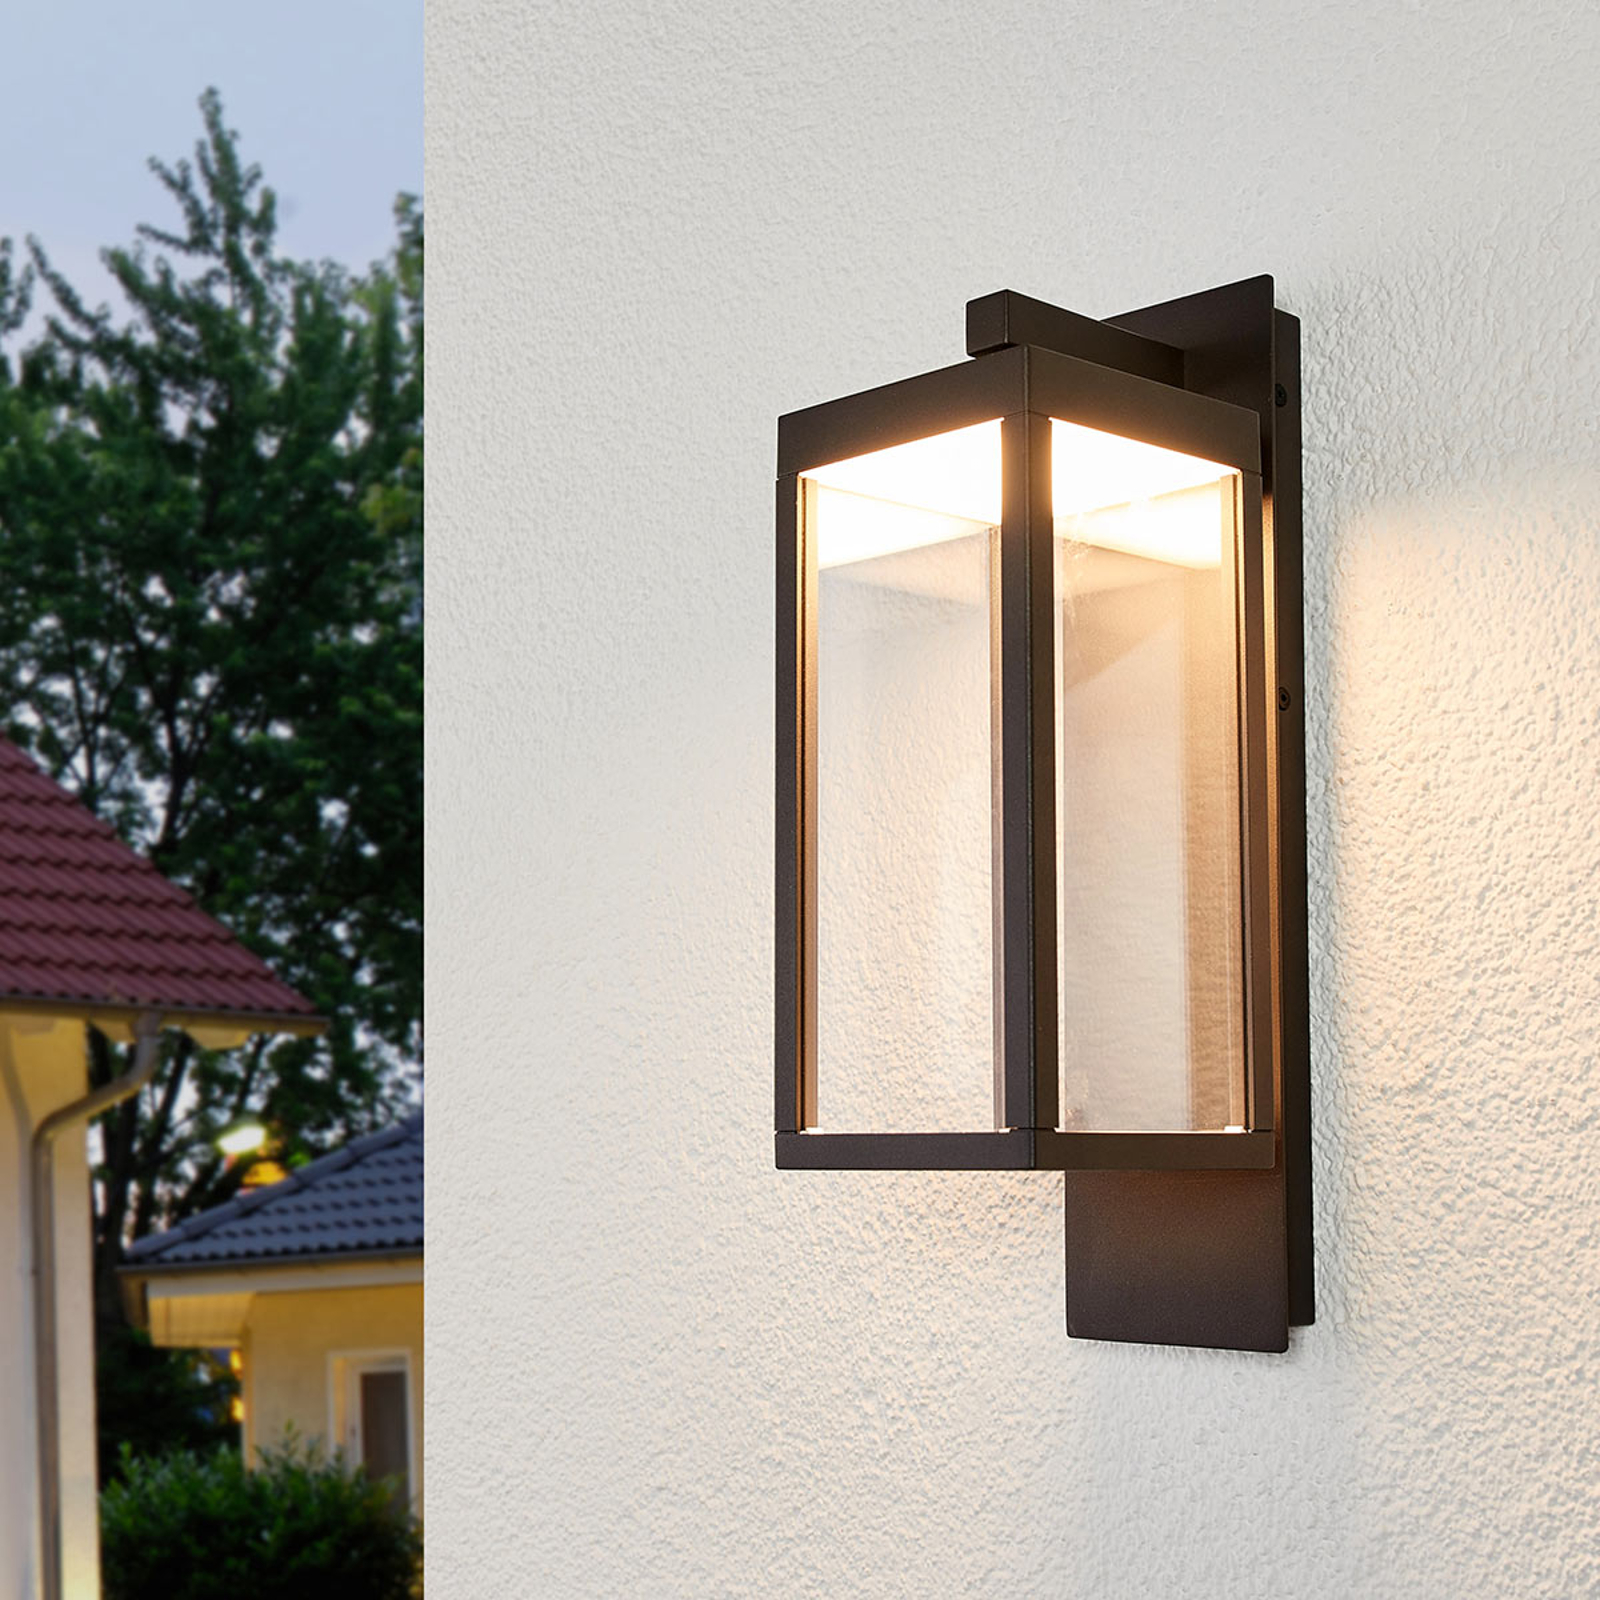 Kinkiet zewnętrzny LED Ferdinand w formie lampionu